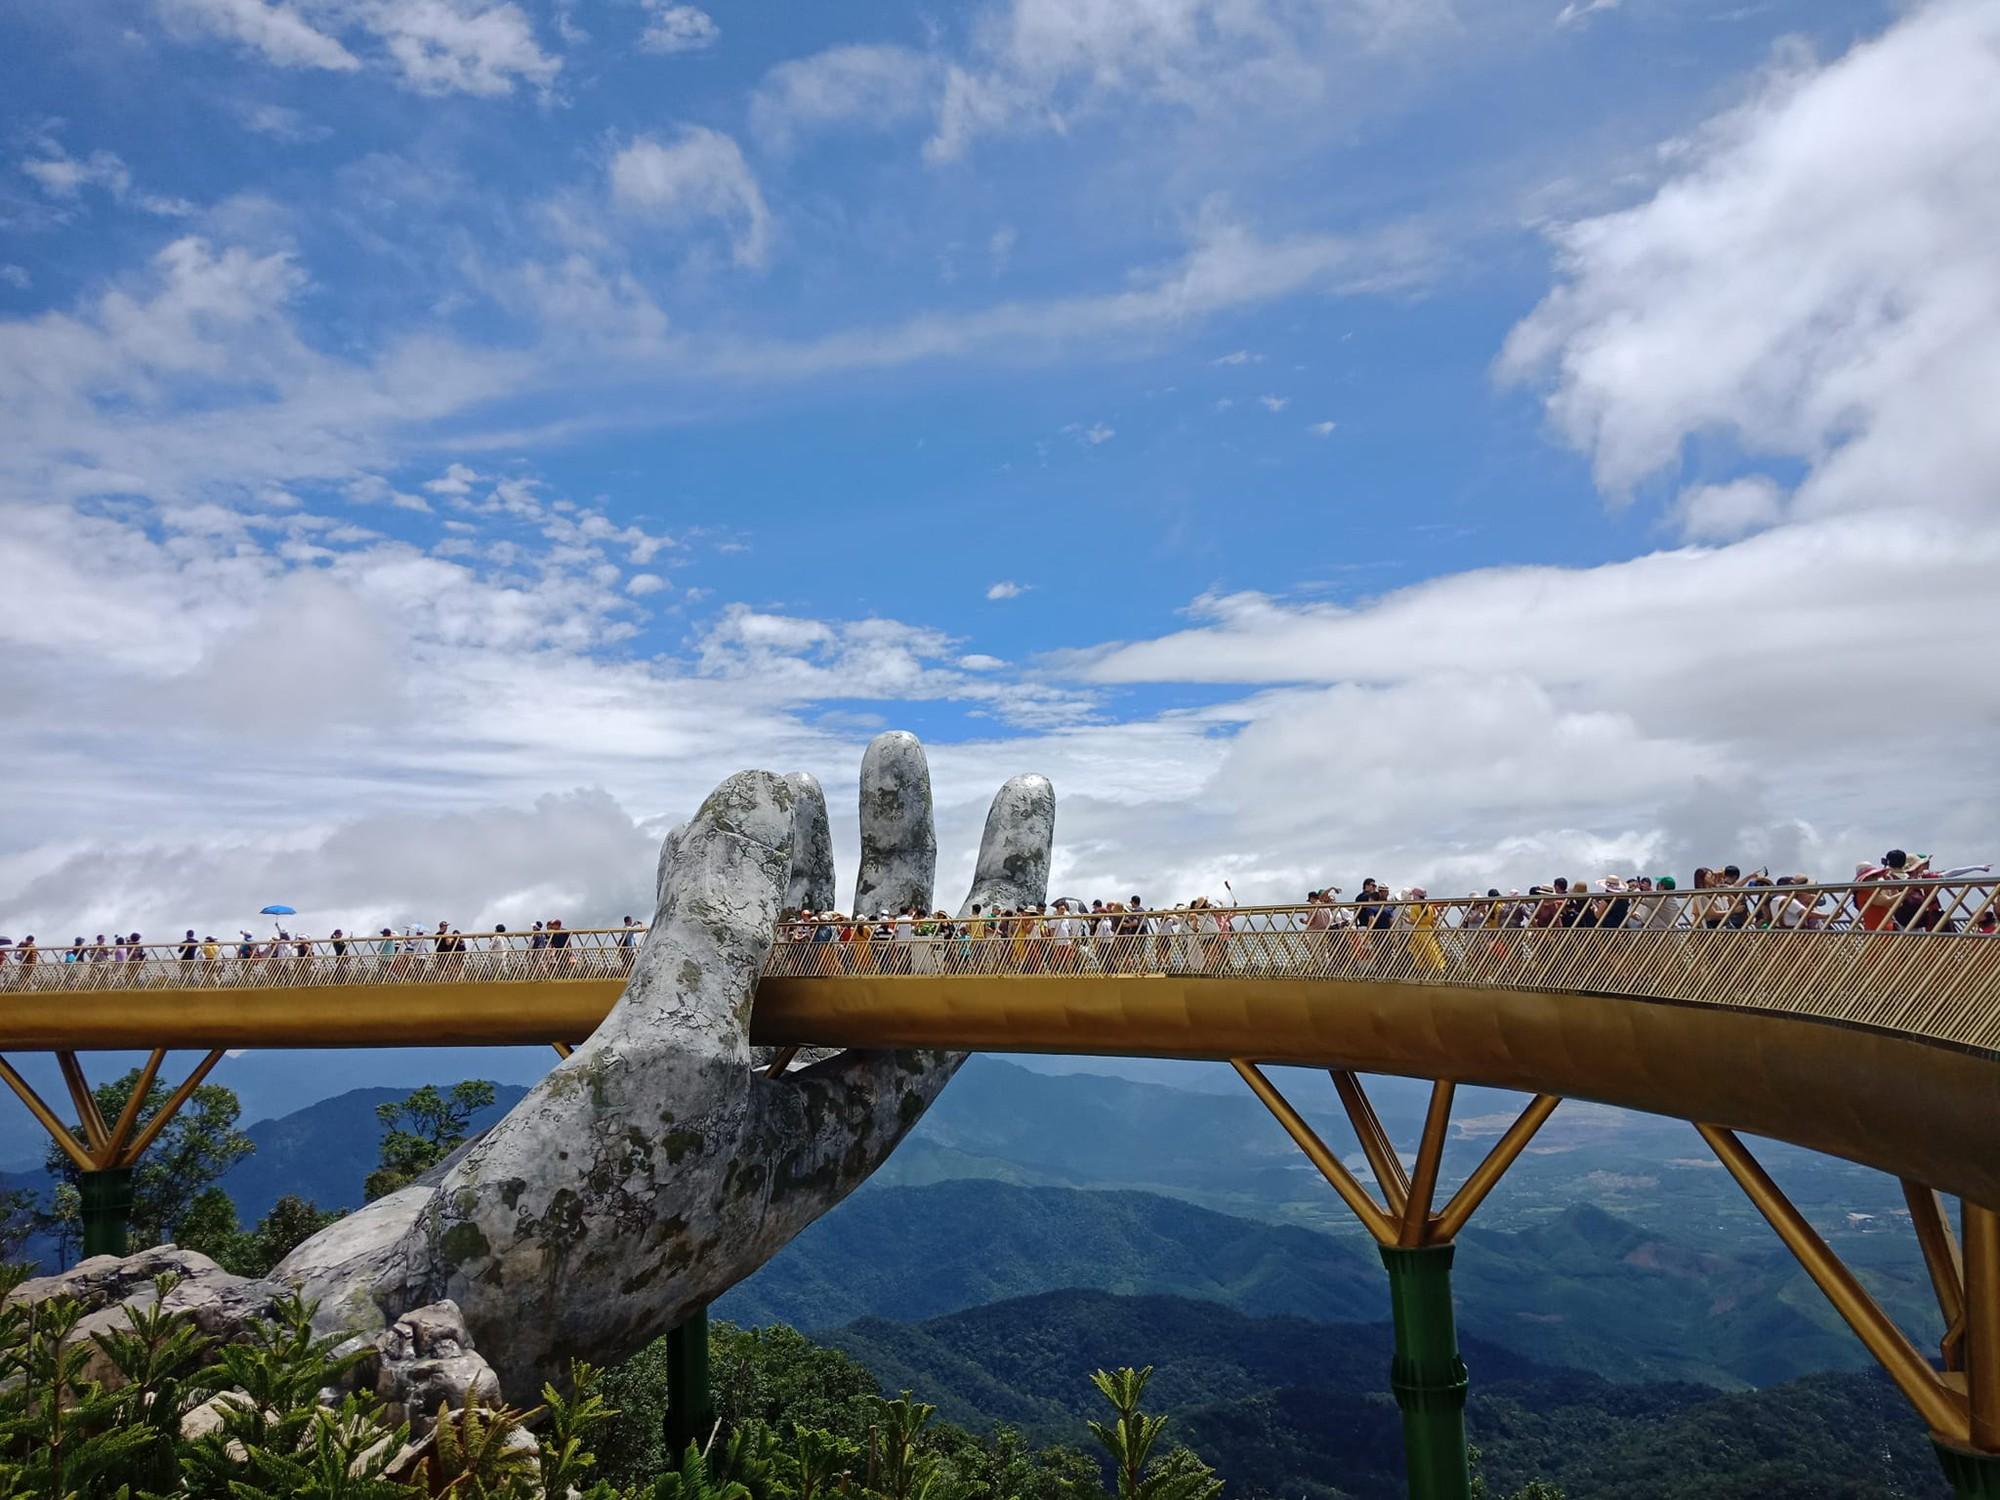 Tung ảnh chê Cầu Vàng ở Đà Nẵng đông nghịt khách, khác xa với tưởng tượng - người đăng bị ném đá vì quy chụp  - Ảnh 4.